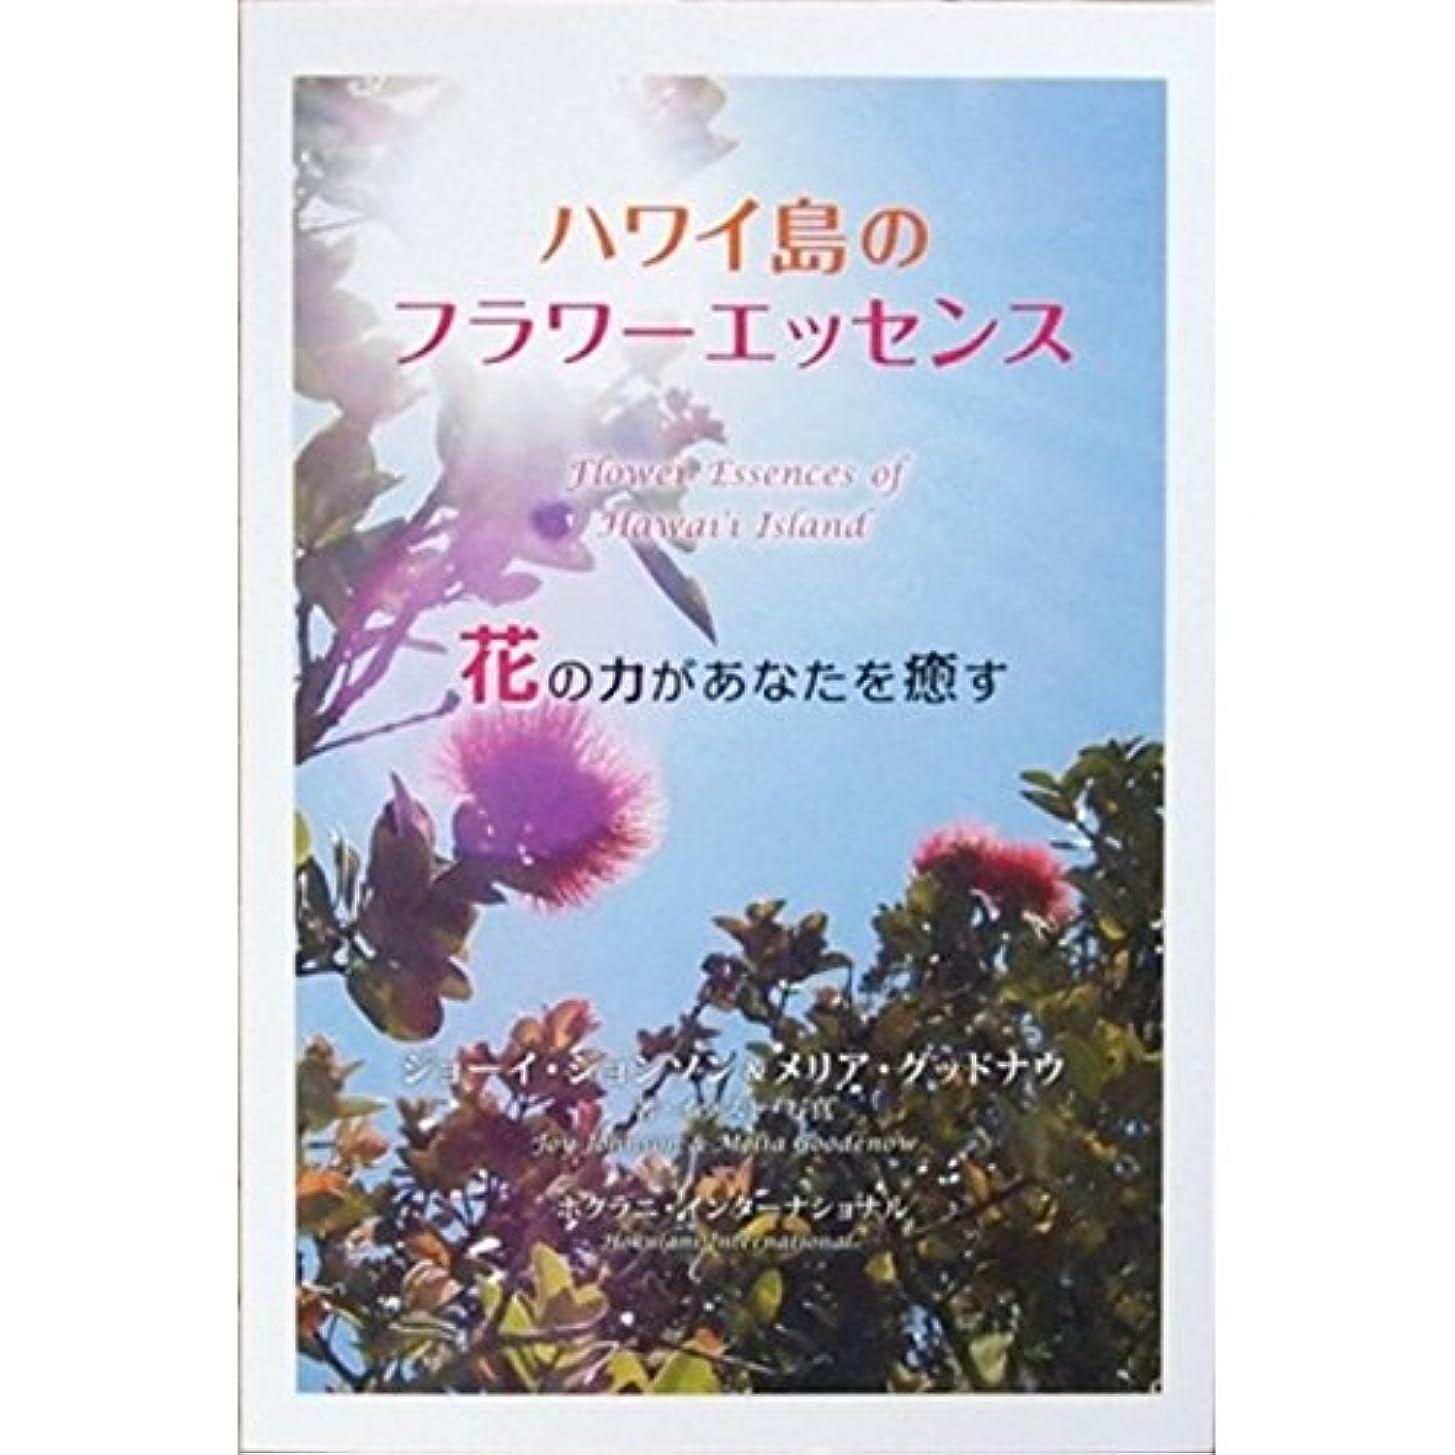 落胆する読み書きのできない虎ハワイアン レインフォレスト ナチュラルズ 書籍『ハワイ島のフラワーエッセンス 花の力があなたを癒す』